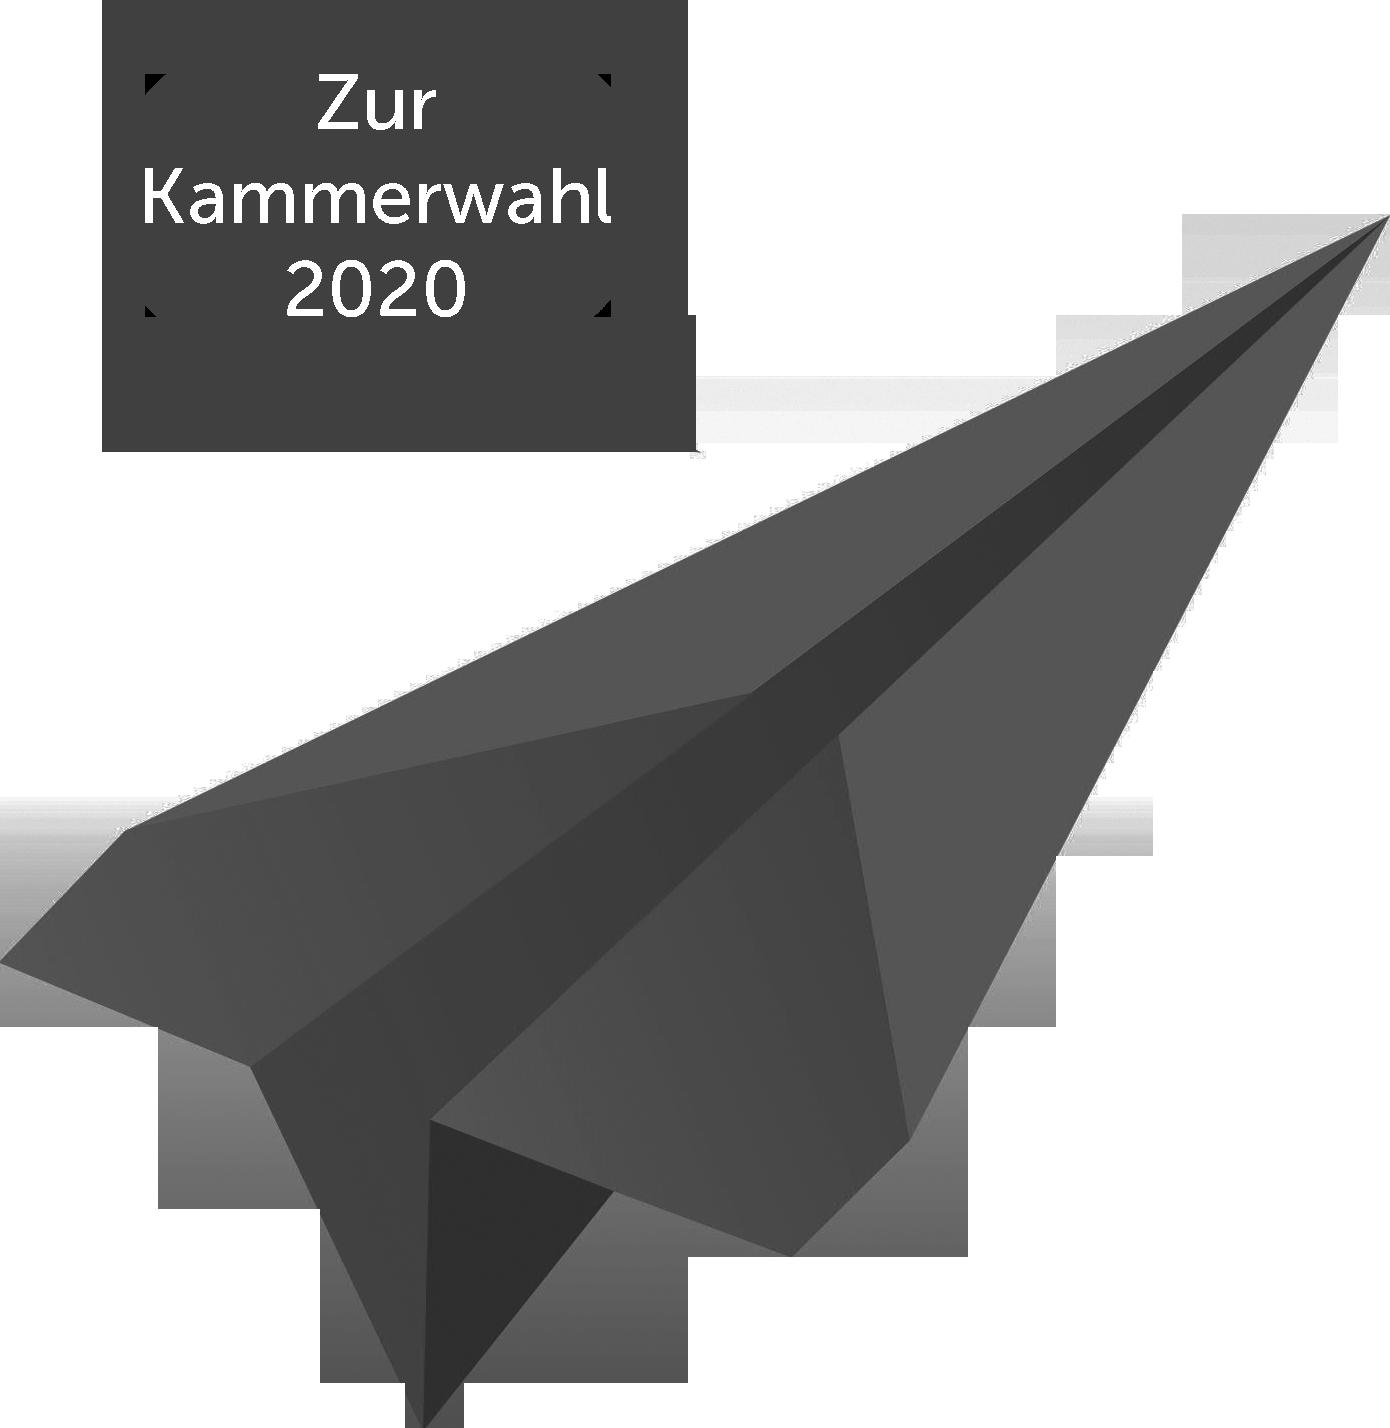 Zur Kammerwahl 2020